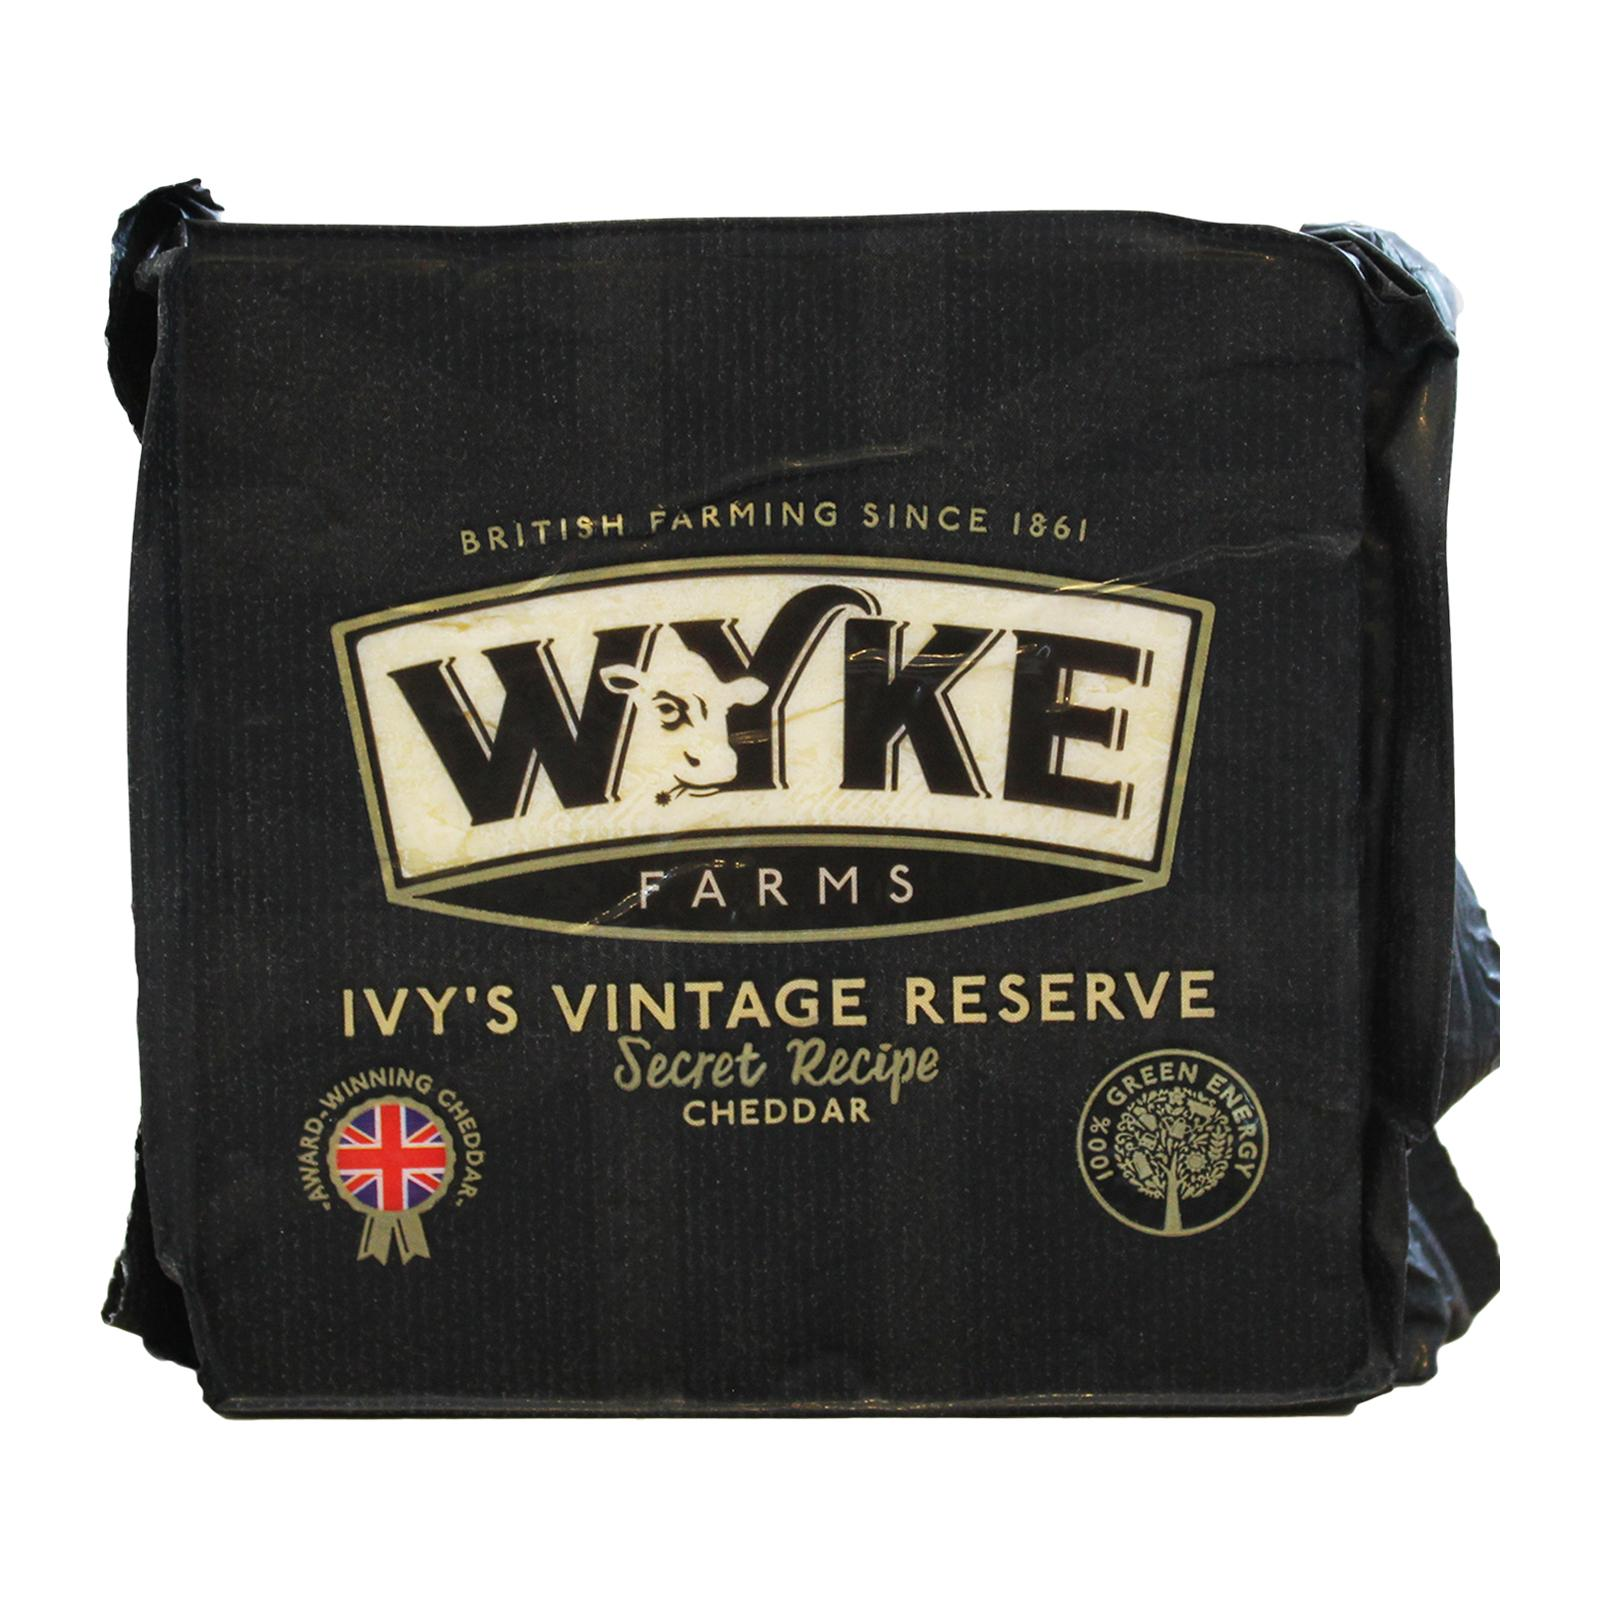 Wyke Farms Vintage Farmhouse Cheddar matured 15 months